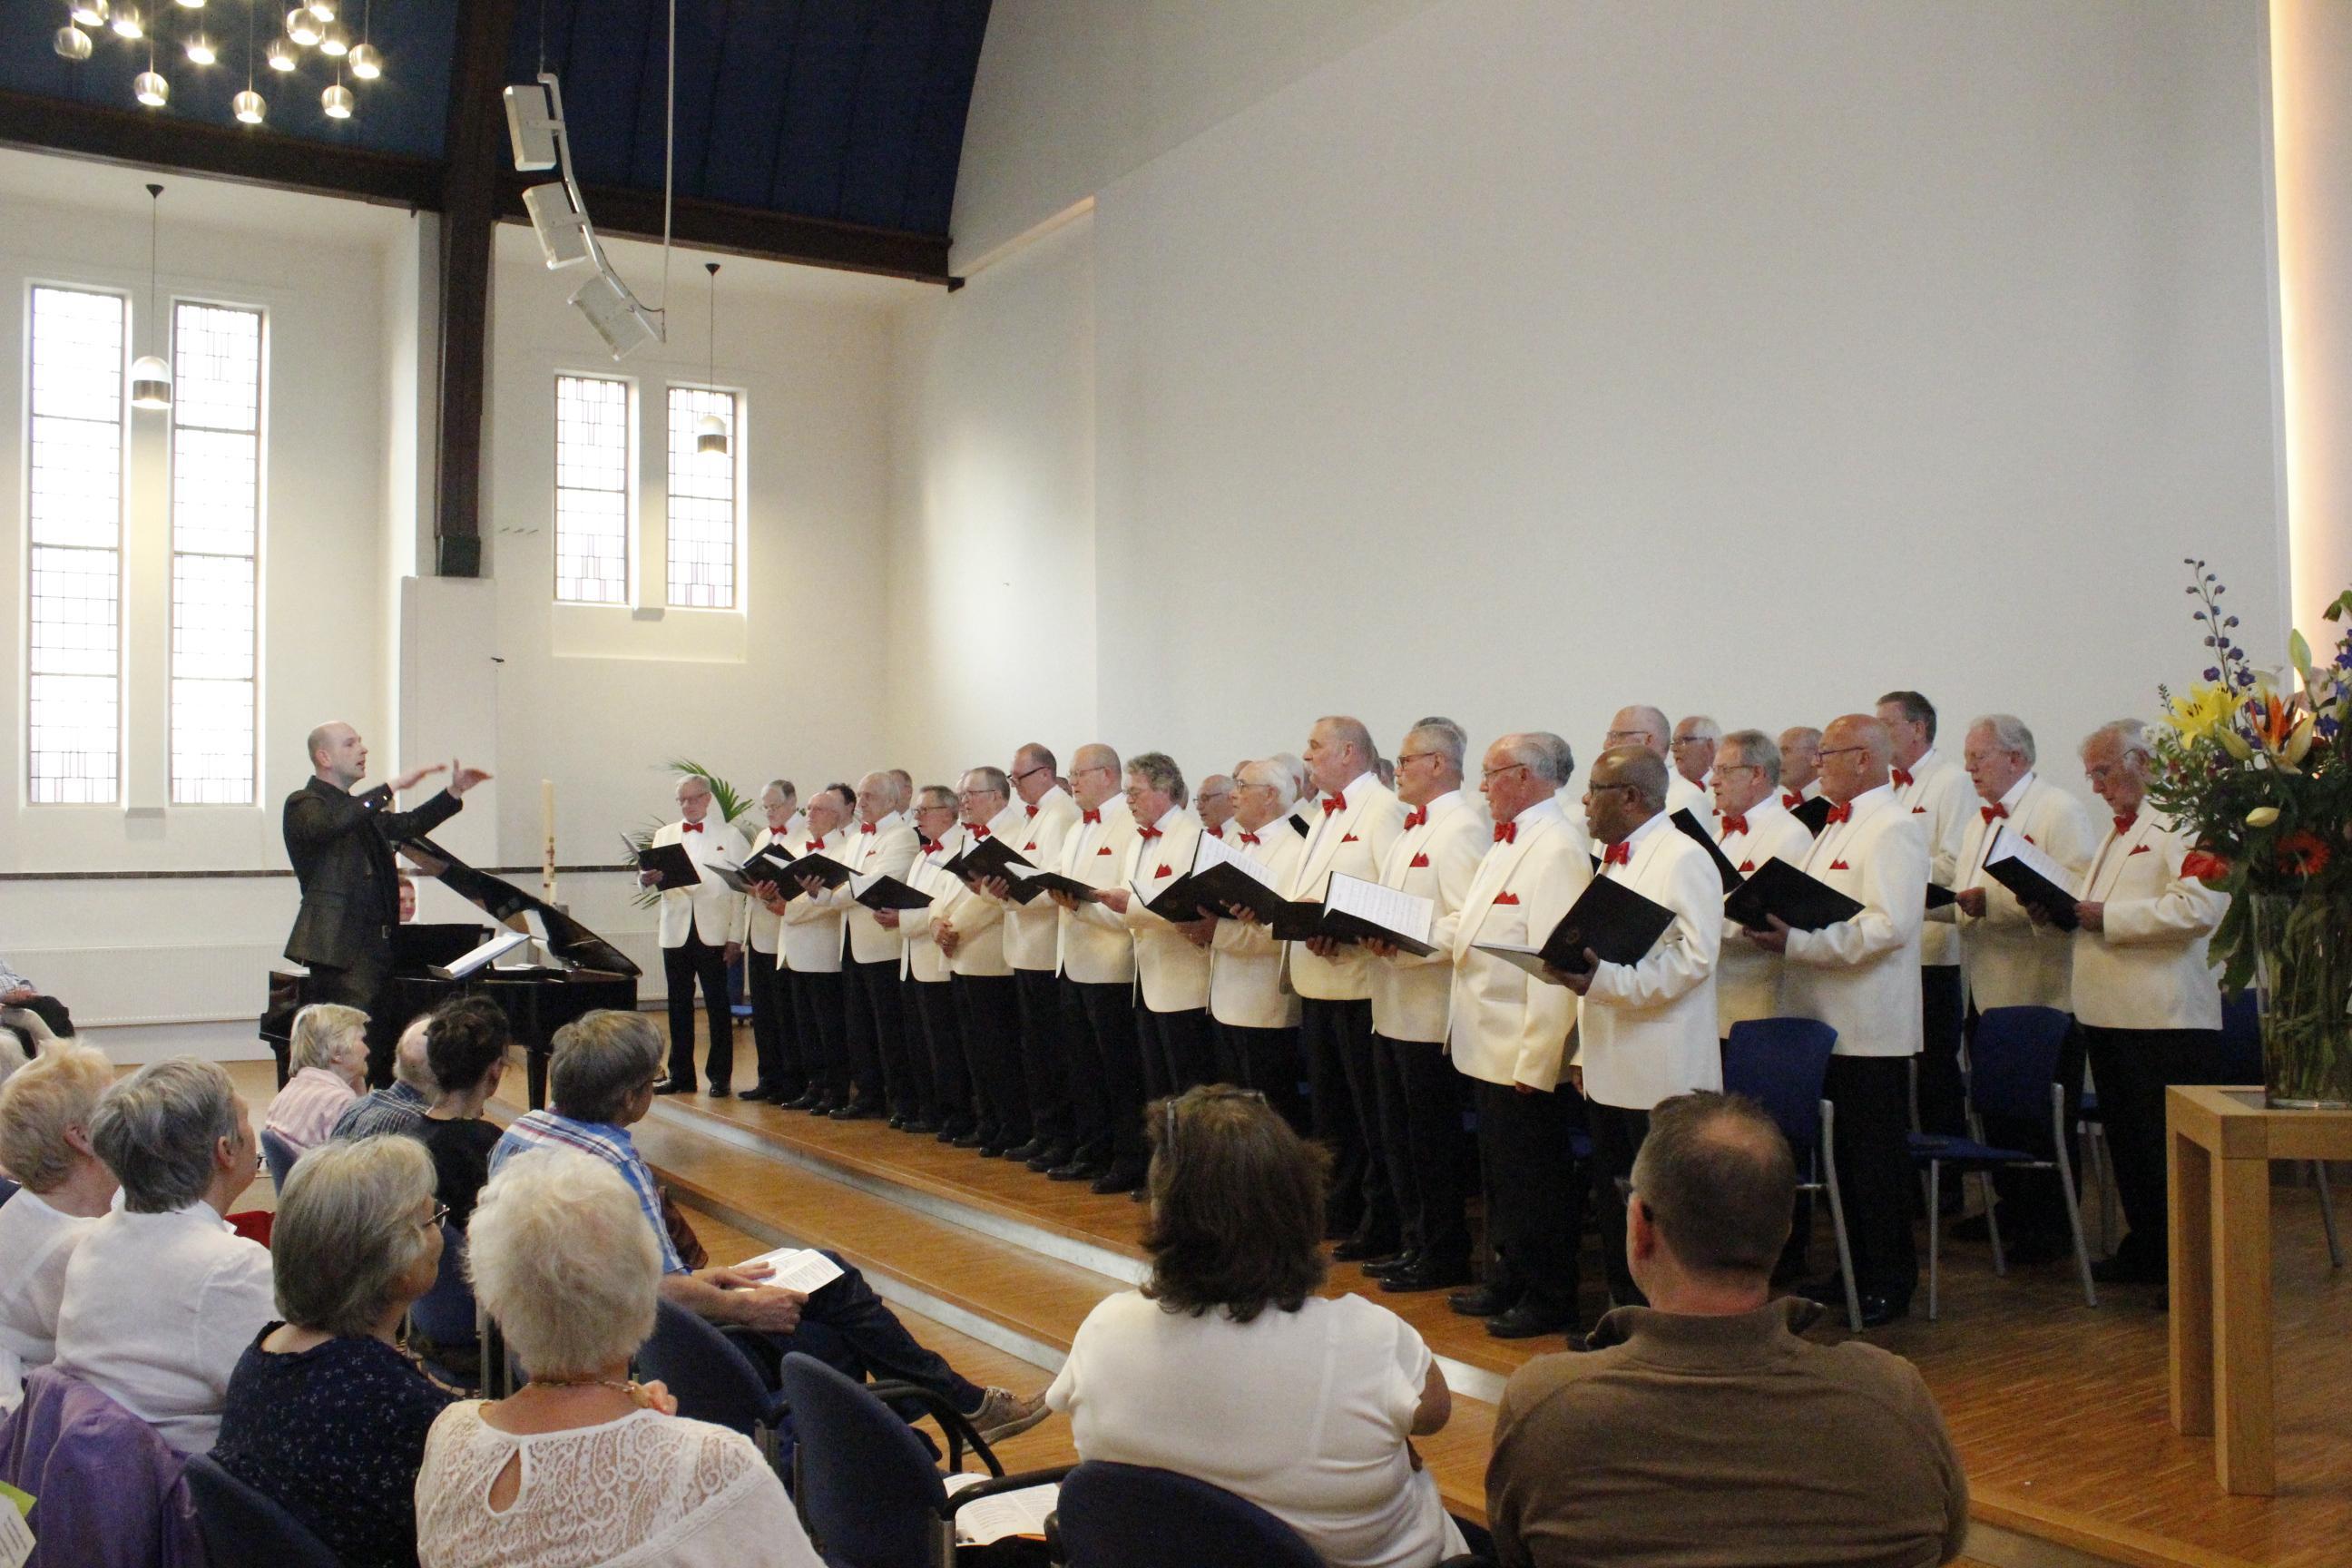 Haarlemmermeers mannenkoor hervat repetities maar wel coronaproof